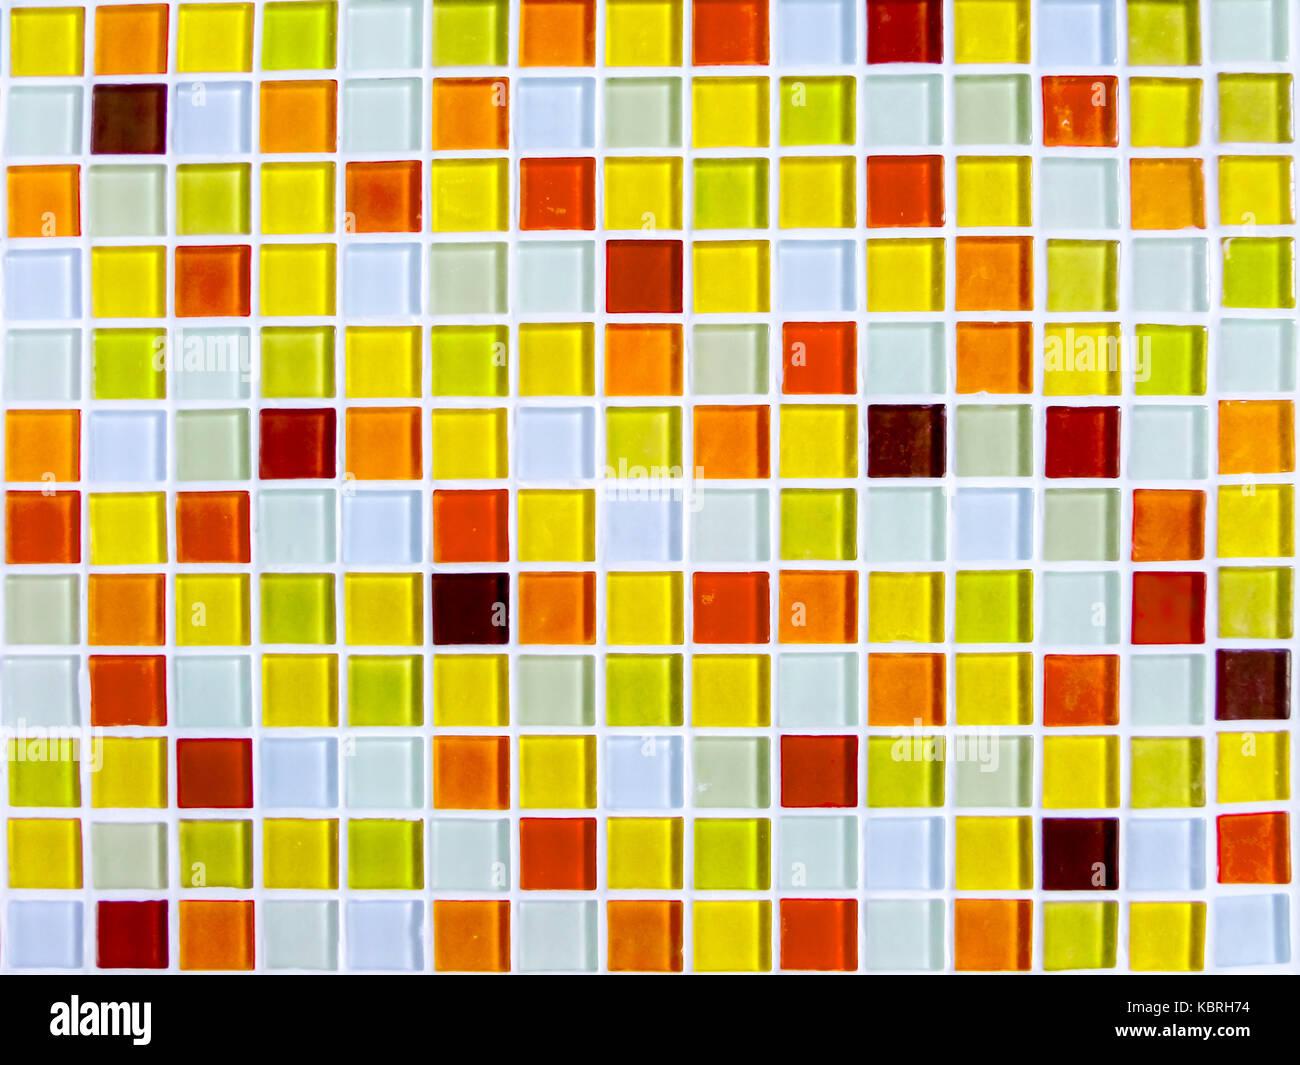 Le Carrelage Mural Mosaique Ton Jaune Orange Gros Plan Couleur Photo Stock Alamy